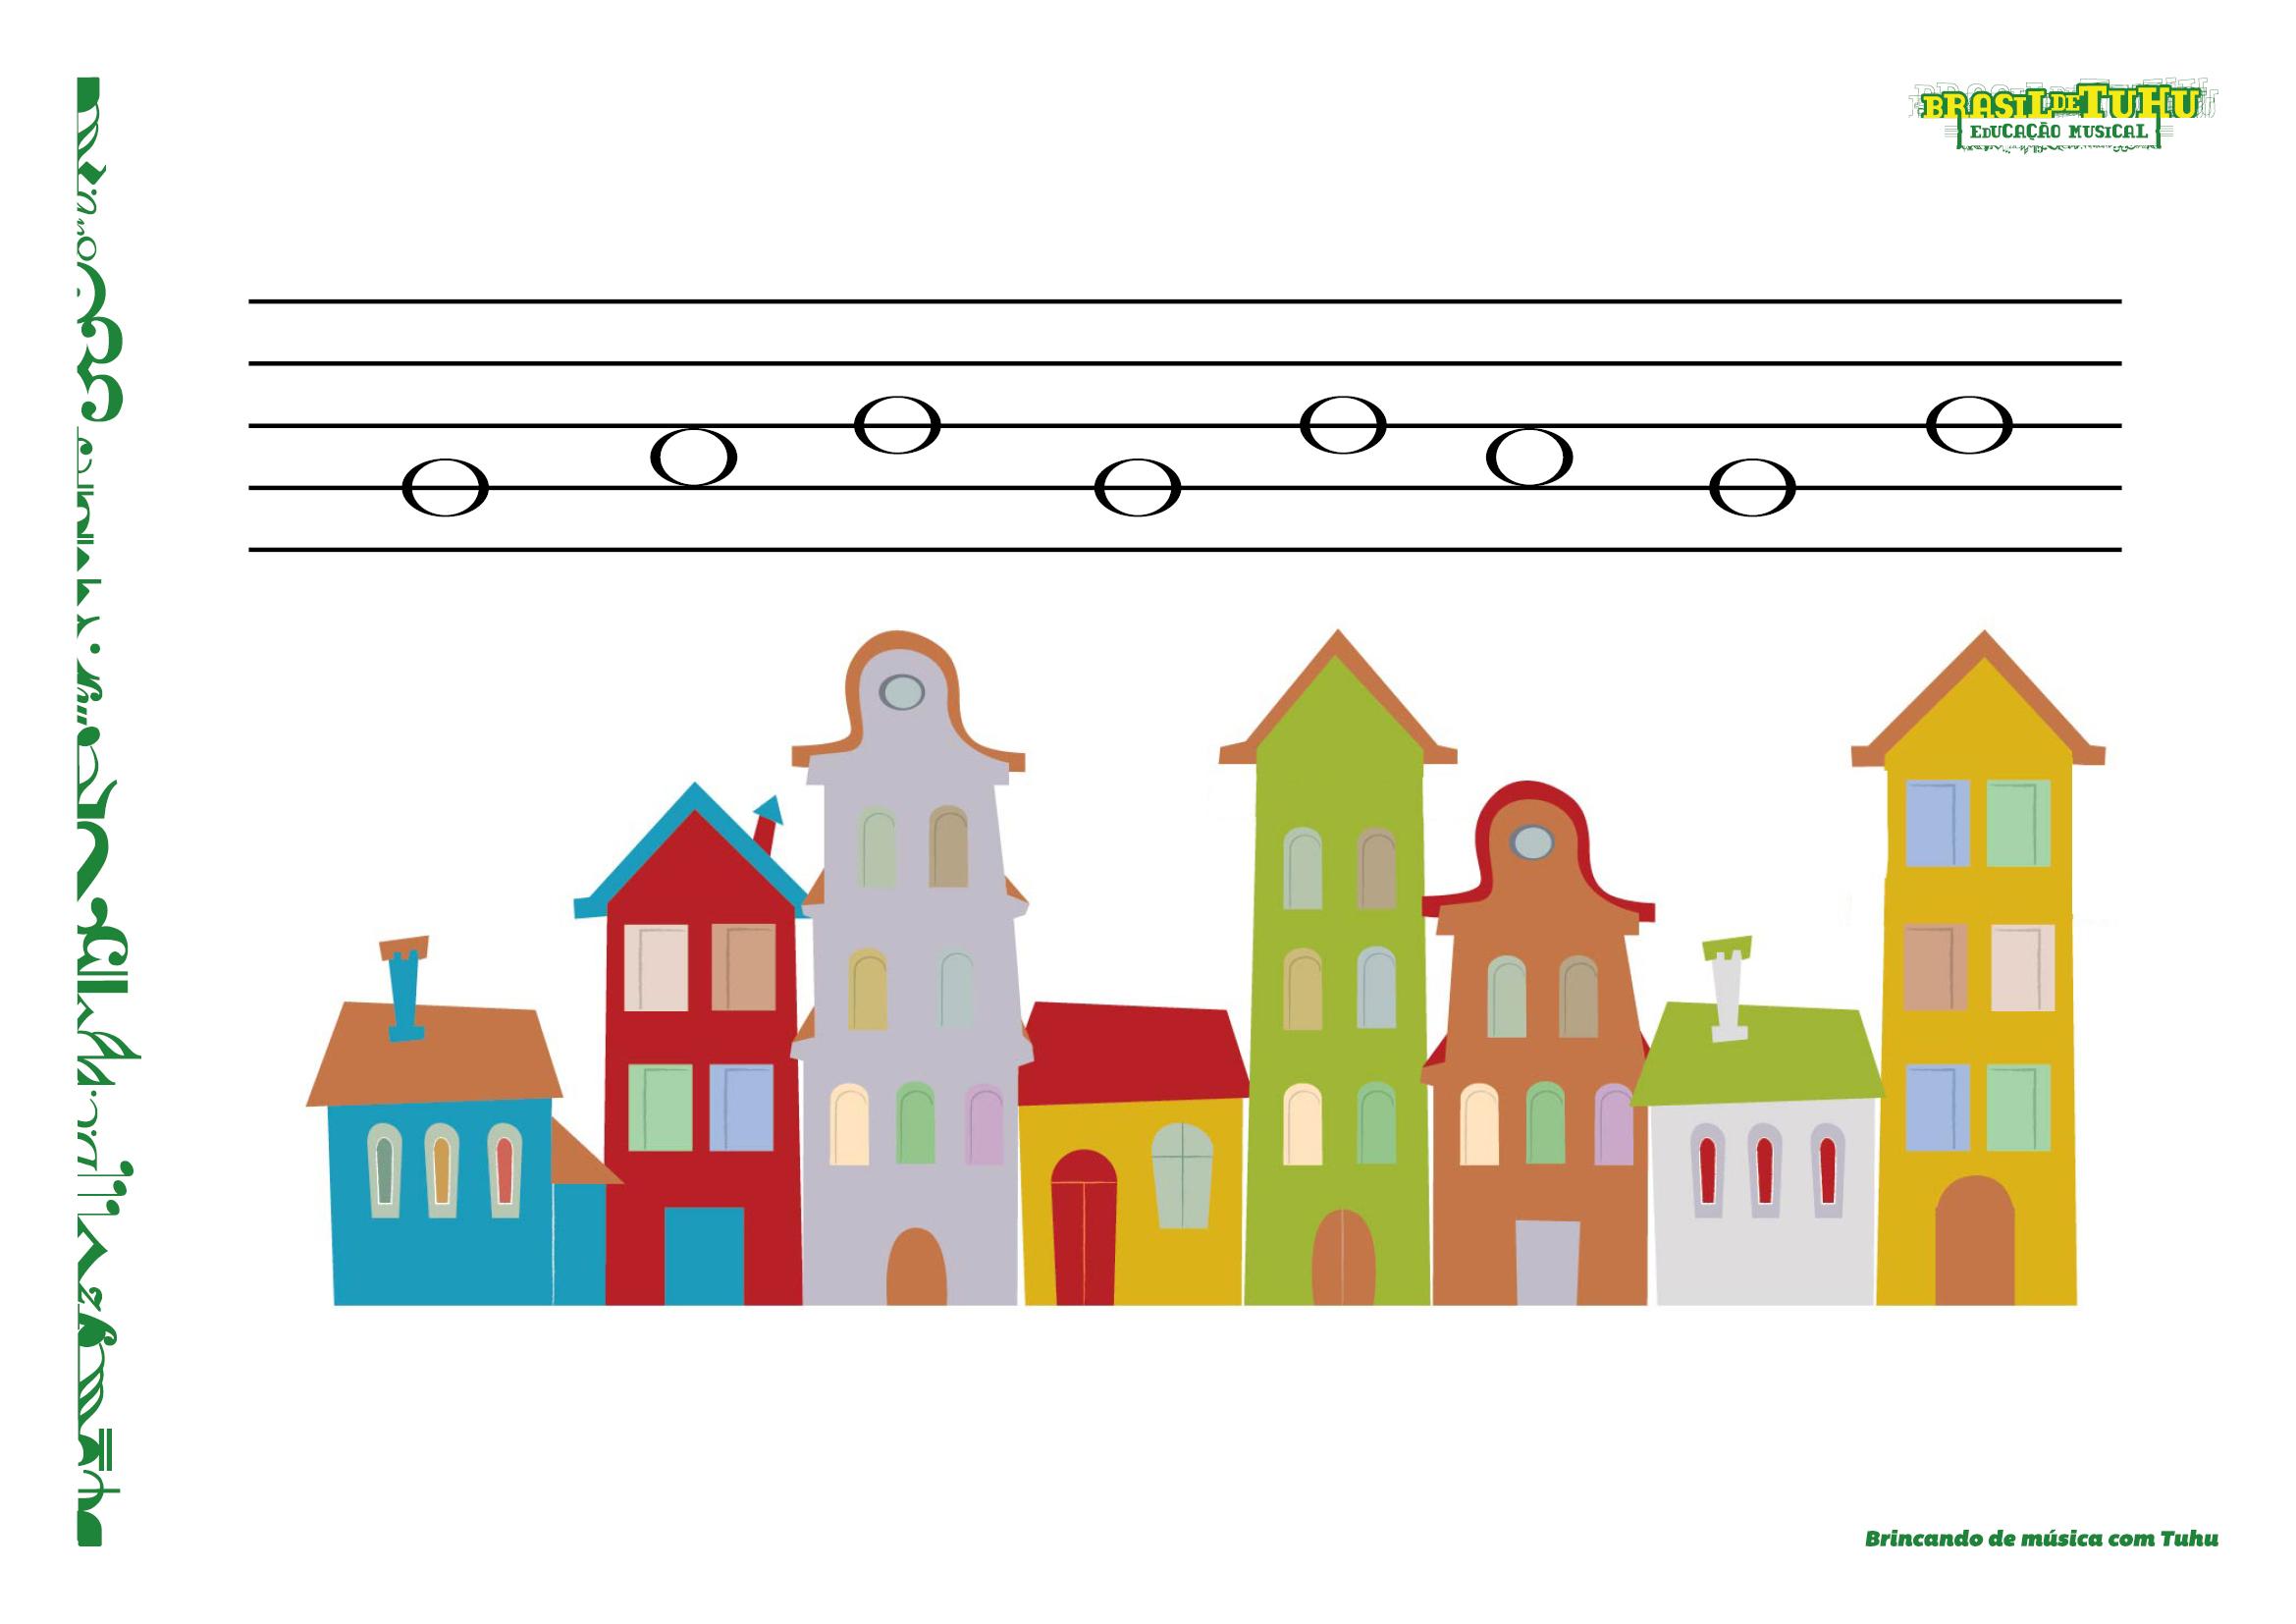 Cartela 12 - Página 18 da Guia Musical